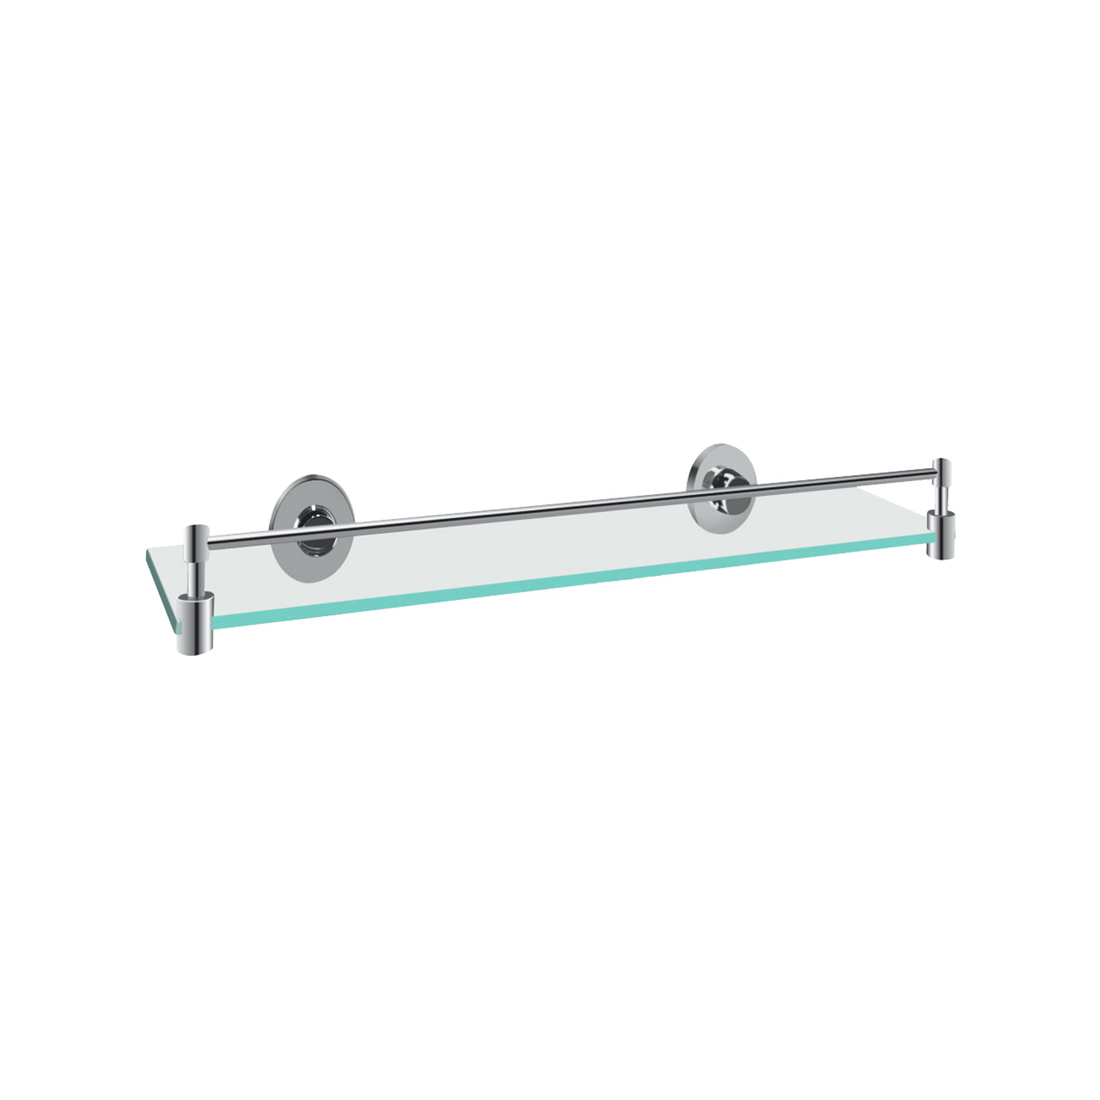 Kerovit KA920005 Round Range Glass Shelf With Twin Arms